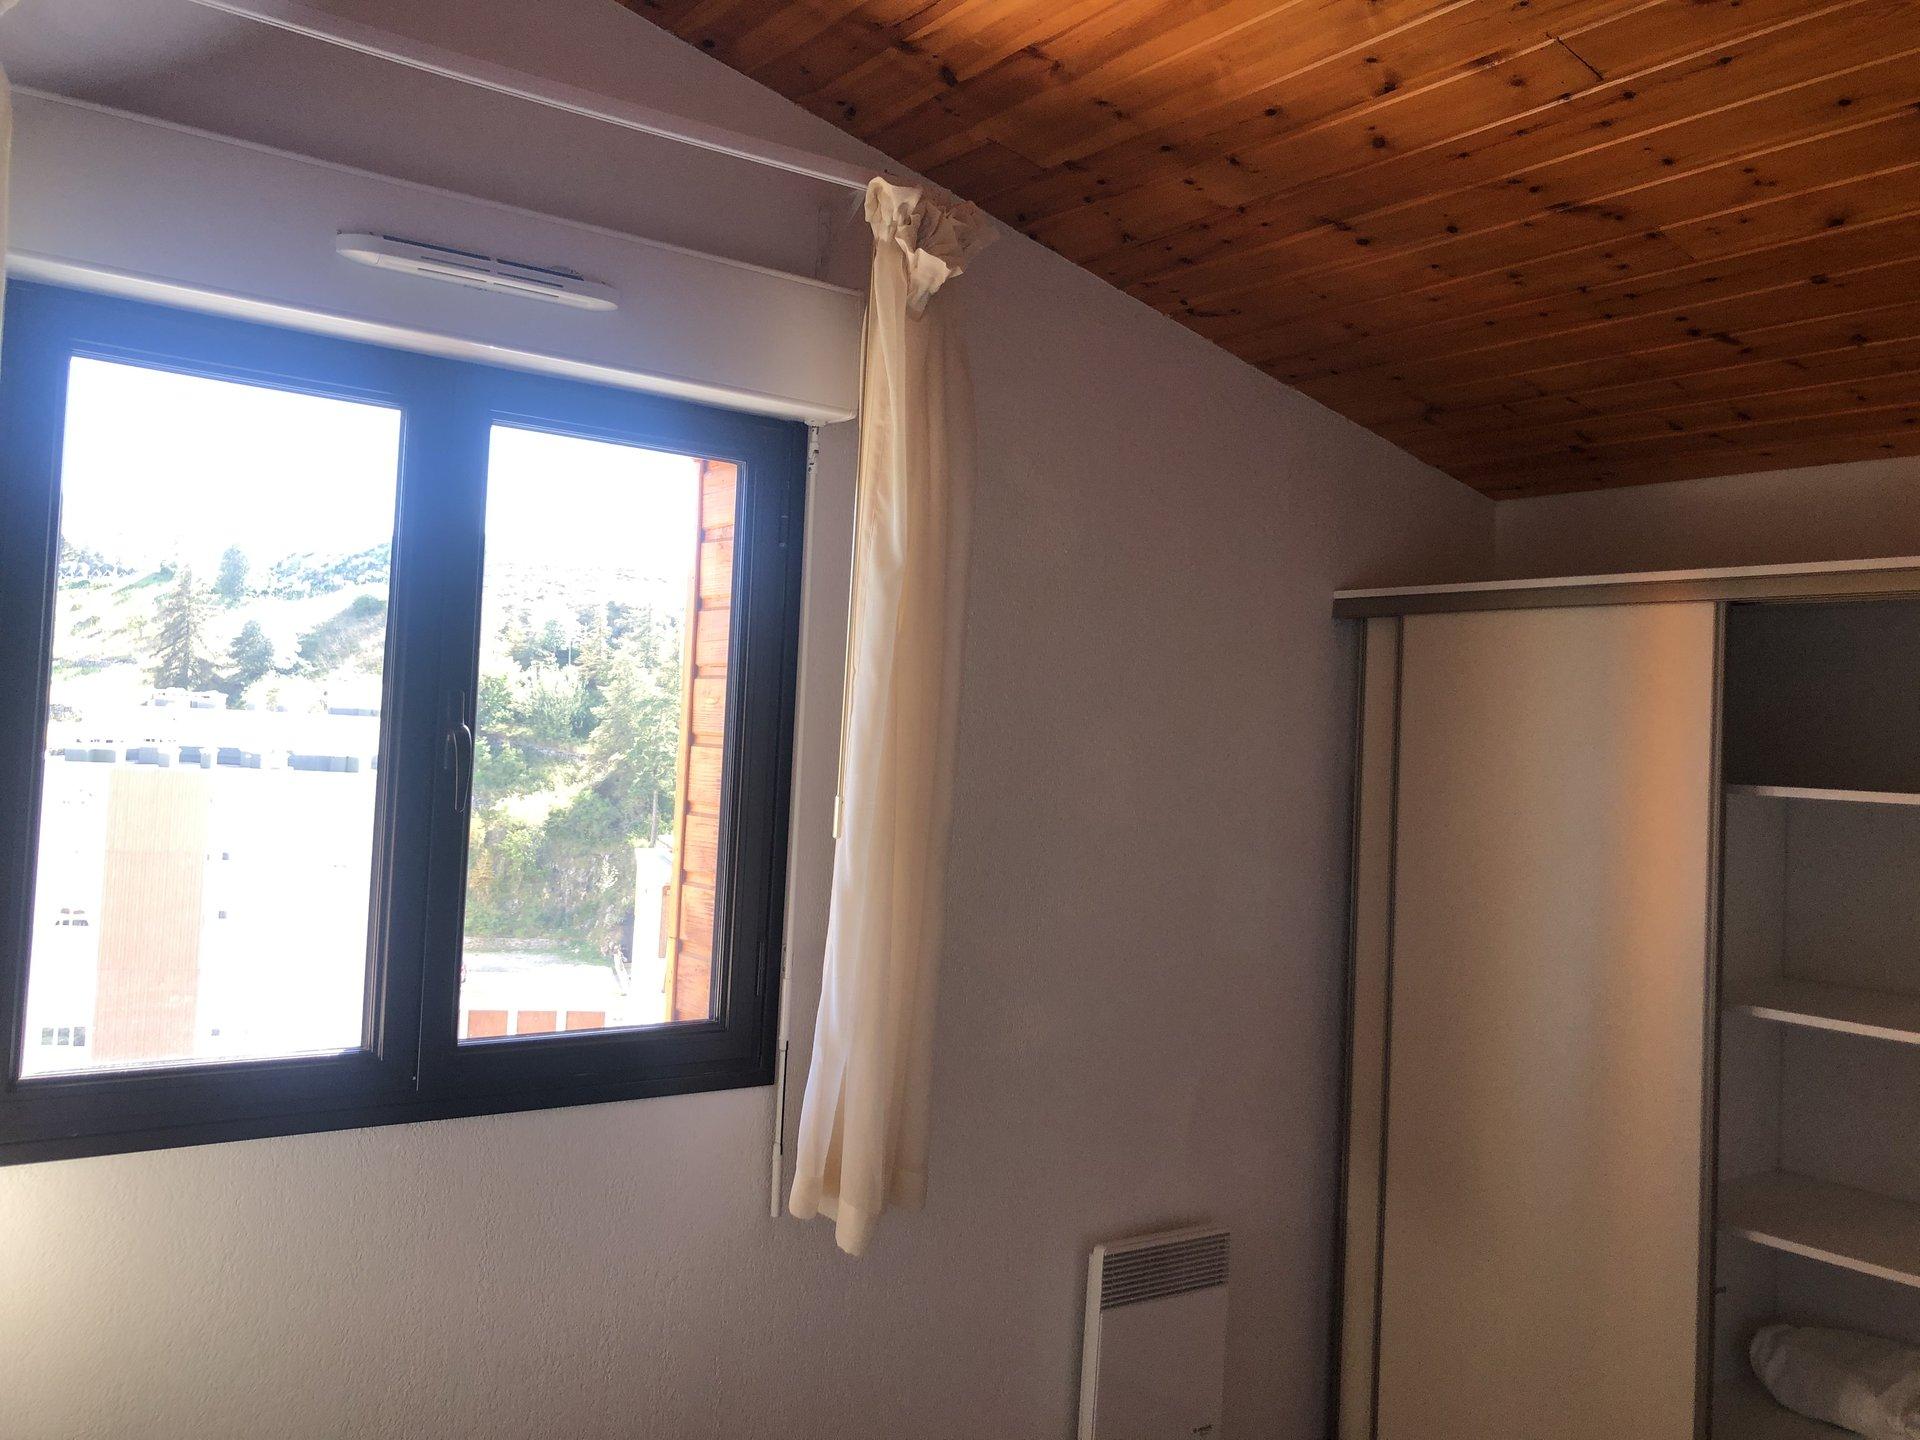 VALBERG 06 - 4 PIECES DUPLEX 63 m²